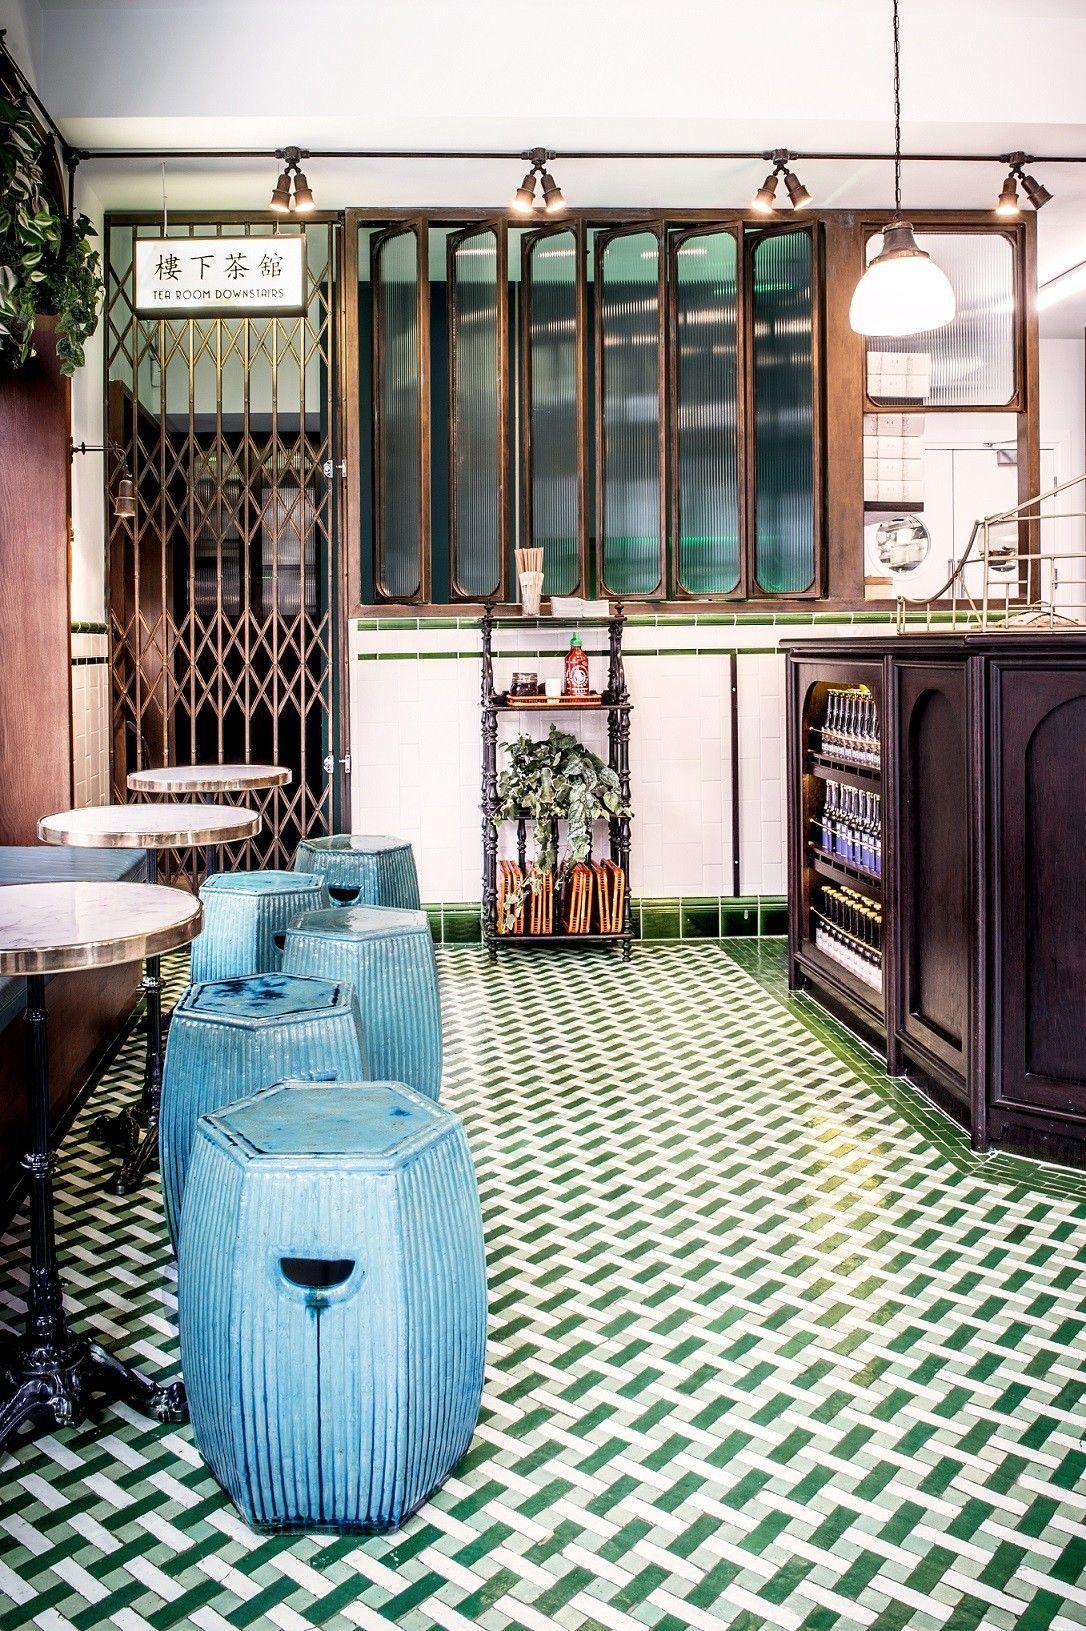 倫敦Bun House03.jpg | 店 裝 | Pinterest | Restaurants, Cafes and on glass house cafe, coffee house cafe, muffin house cafe,